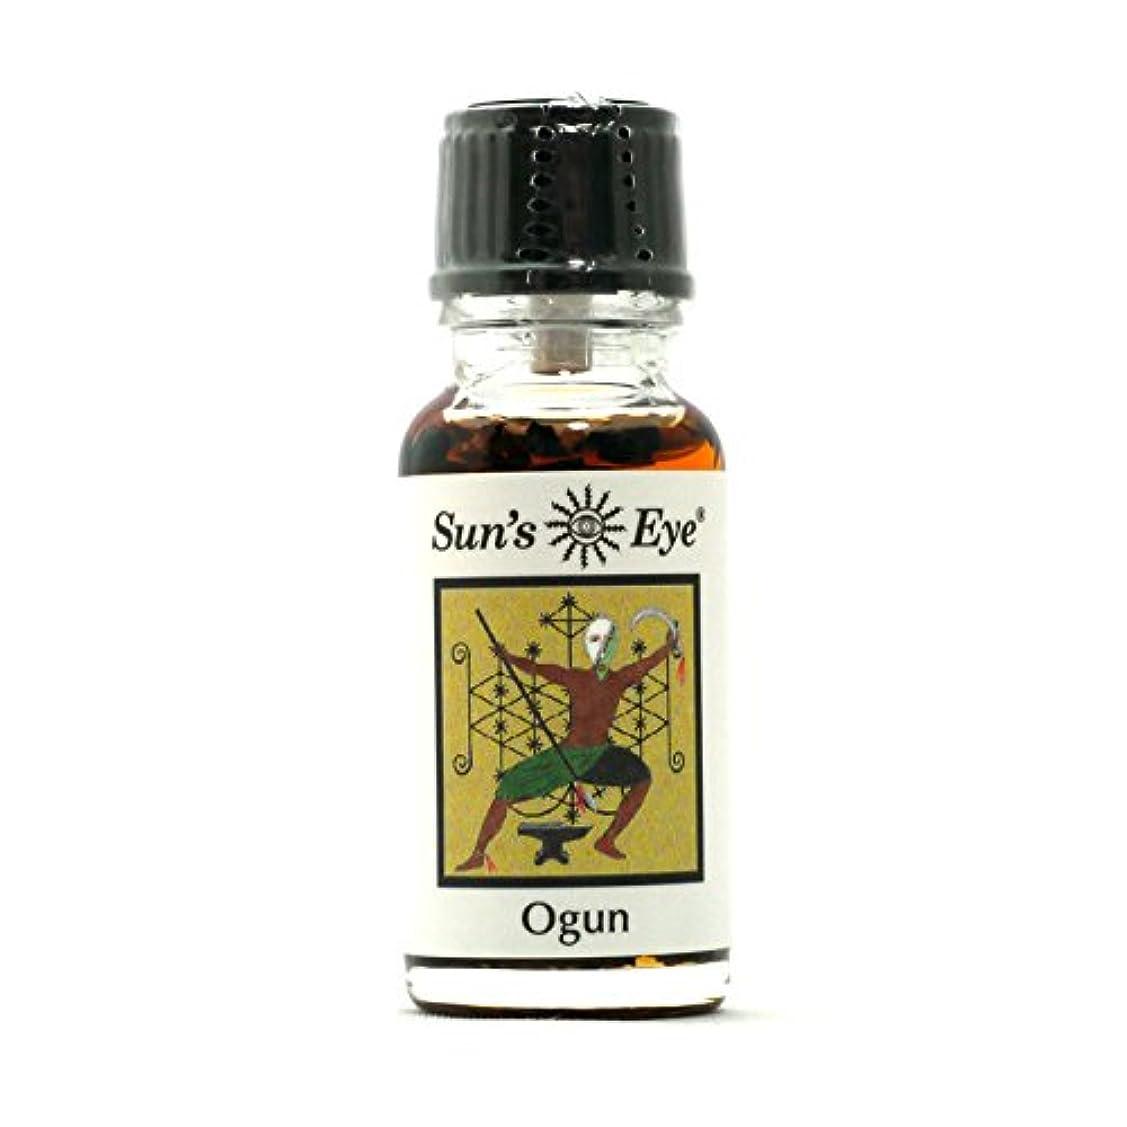 気怠い視聴者ストッキング【Sun'sEye サンズアイ】Deity Oils 神のオイル Ogun(オグン) 内部と外部の両方の障害物を除去する